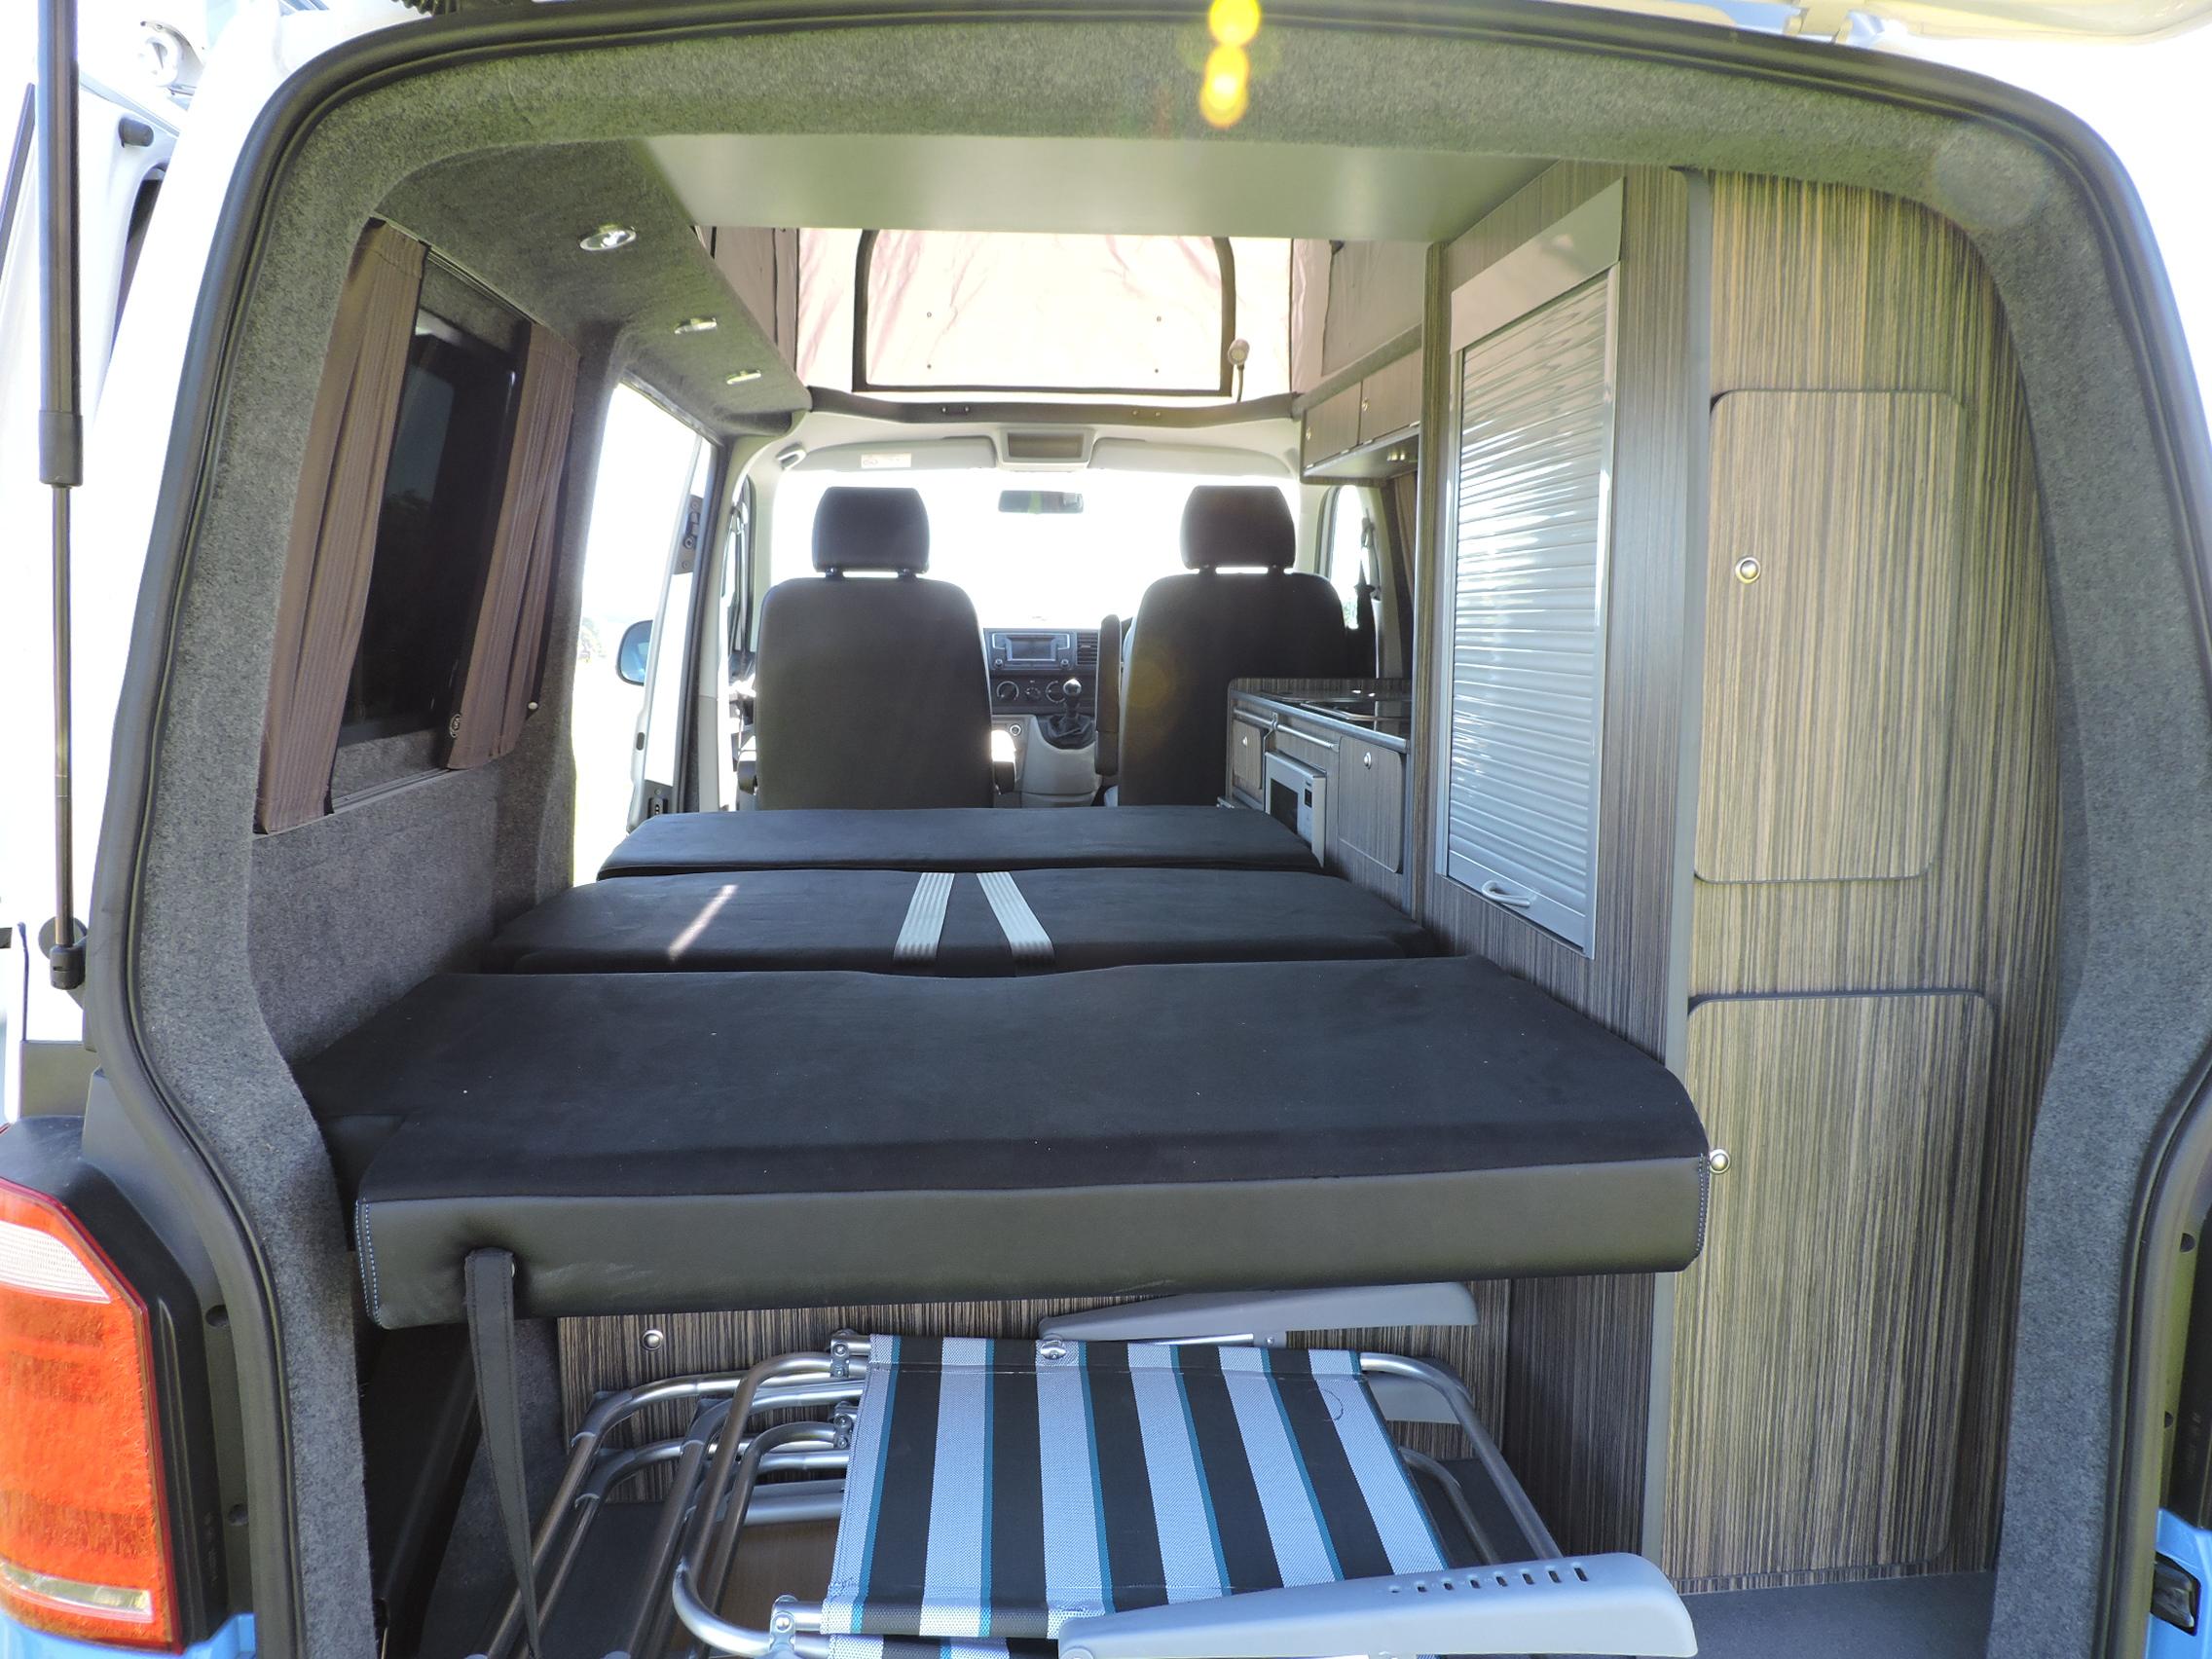 Campervan double bed